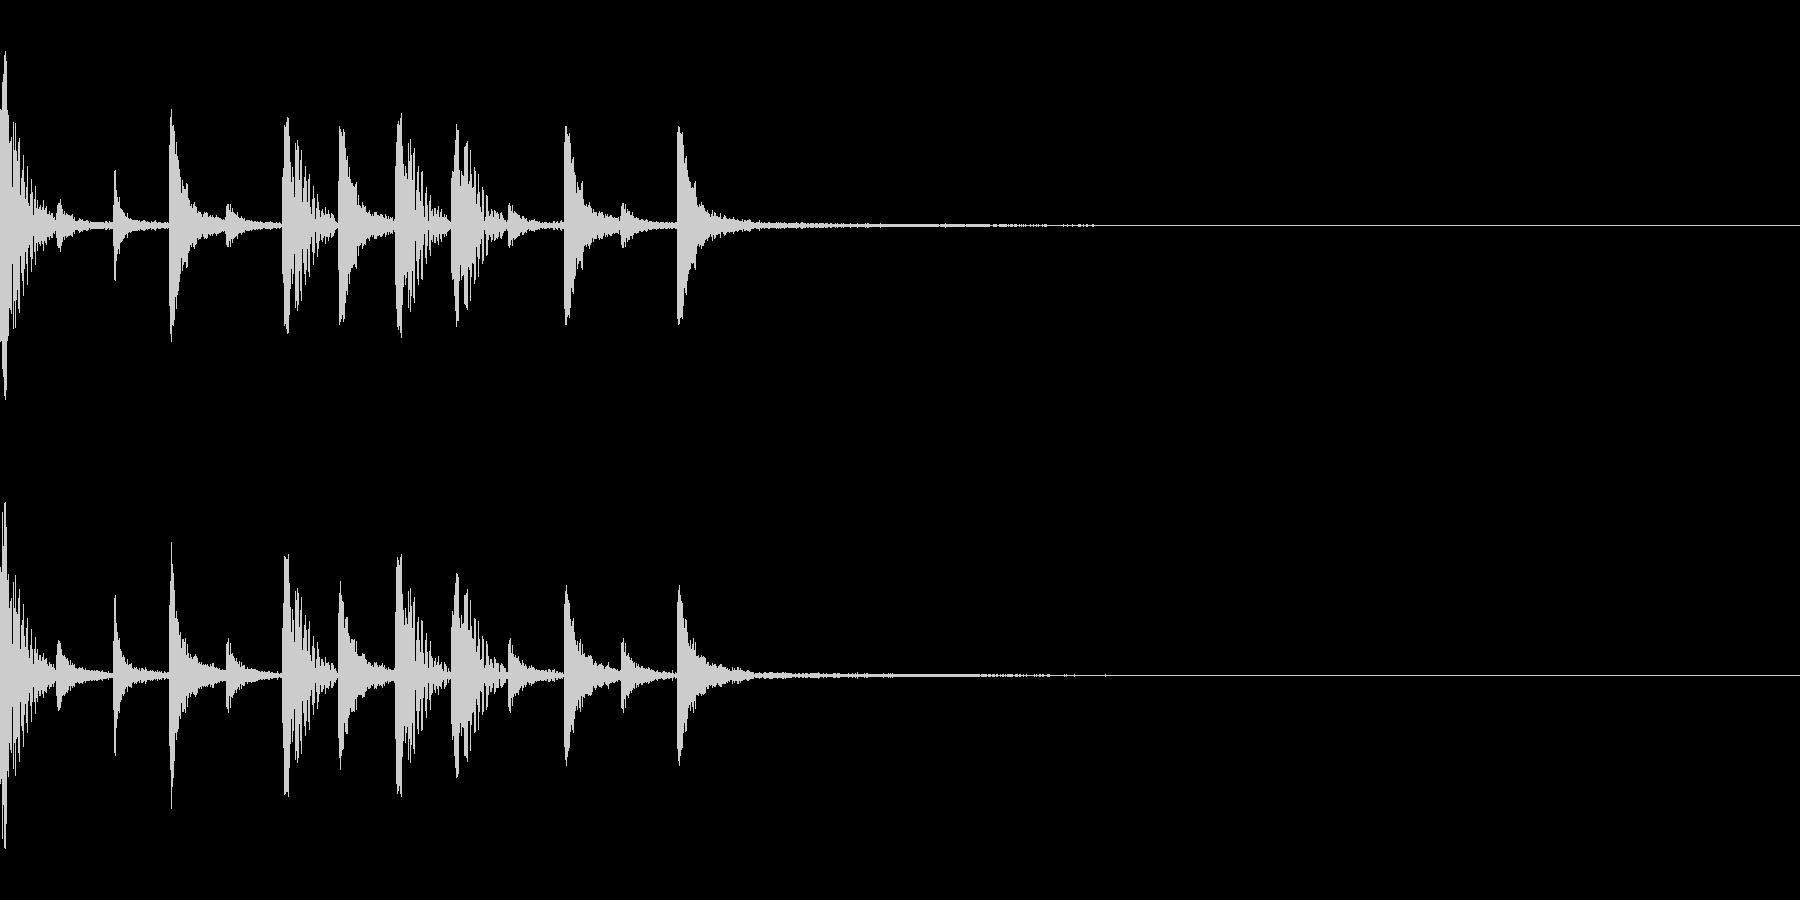 スローな8ビートドラム オープニングなどの未再生の波形